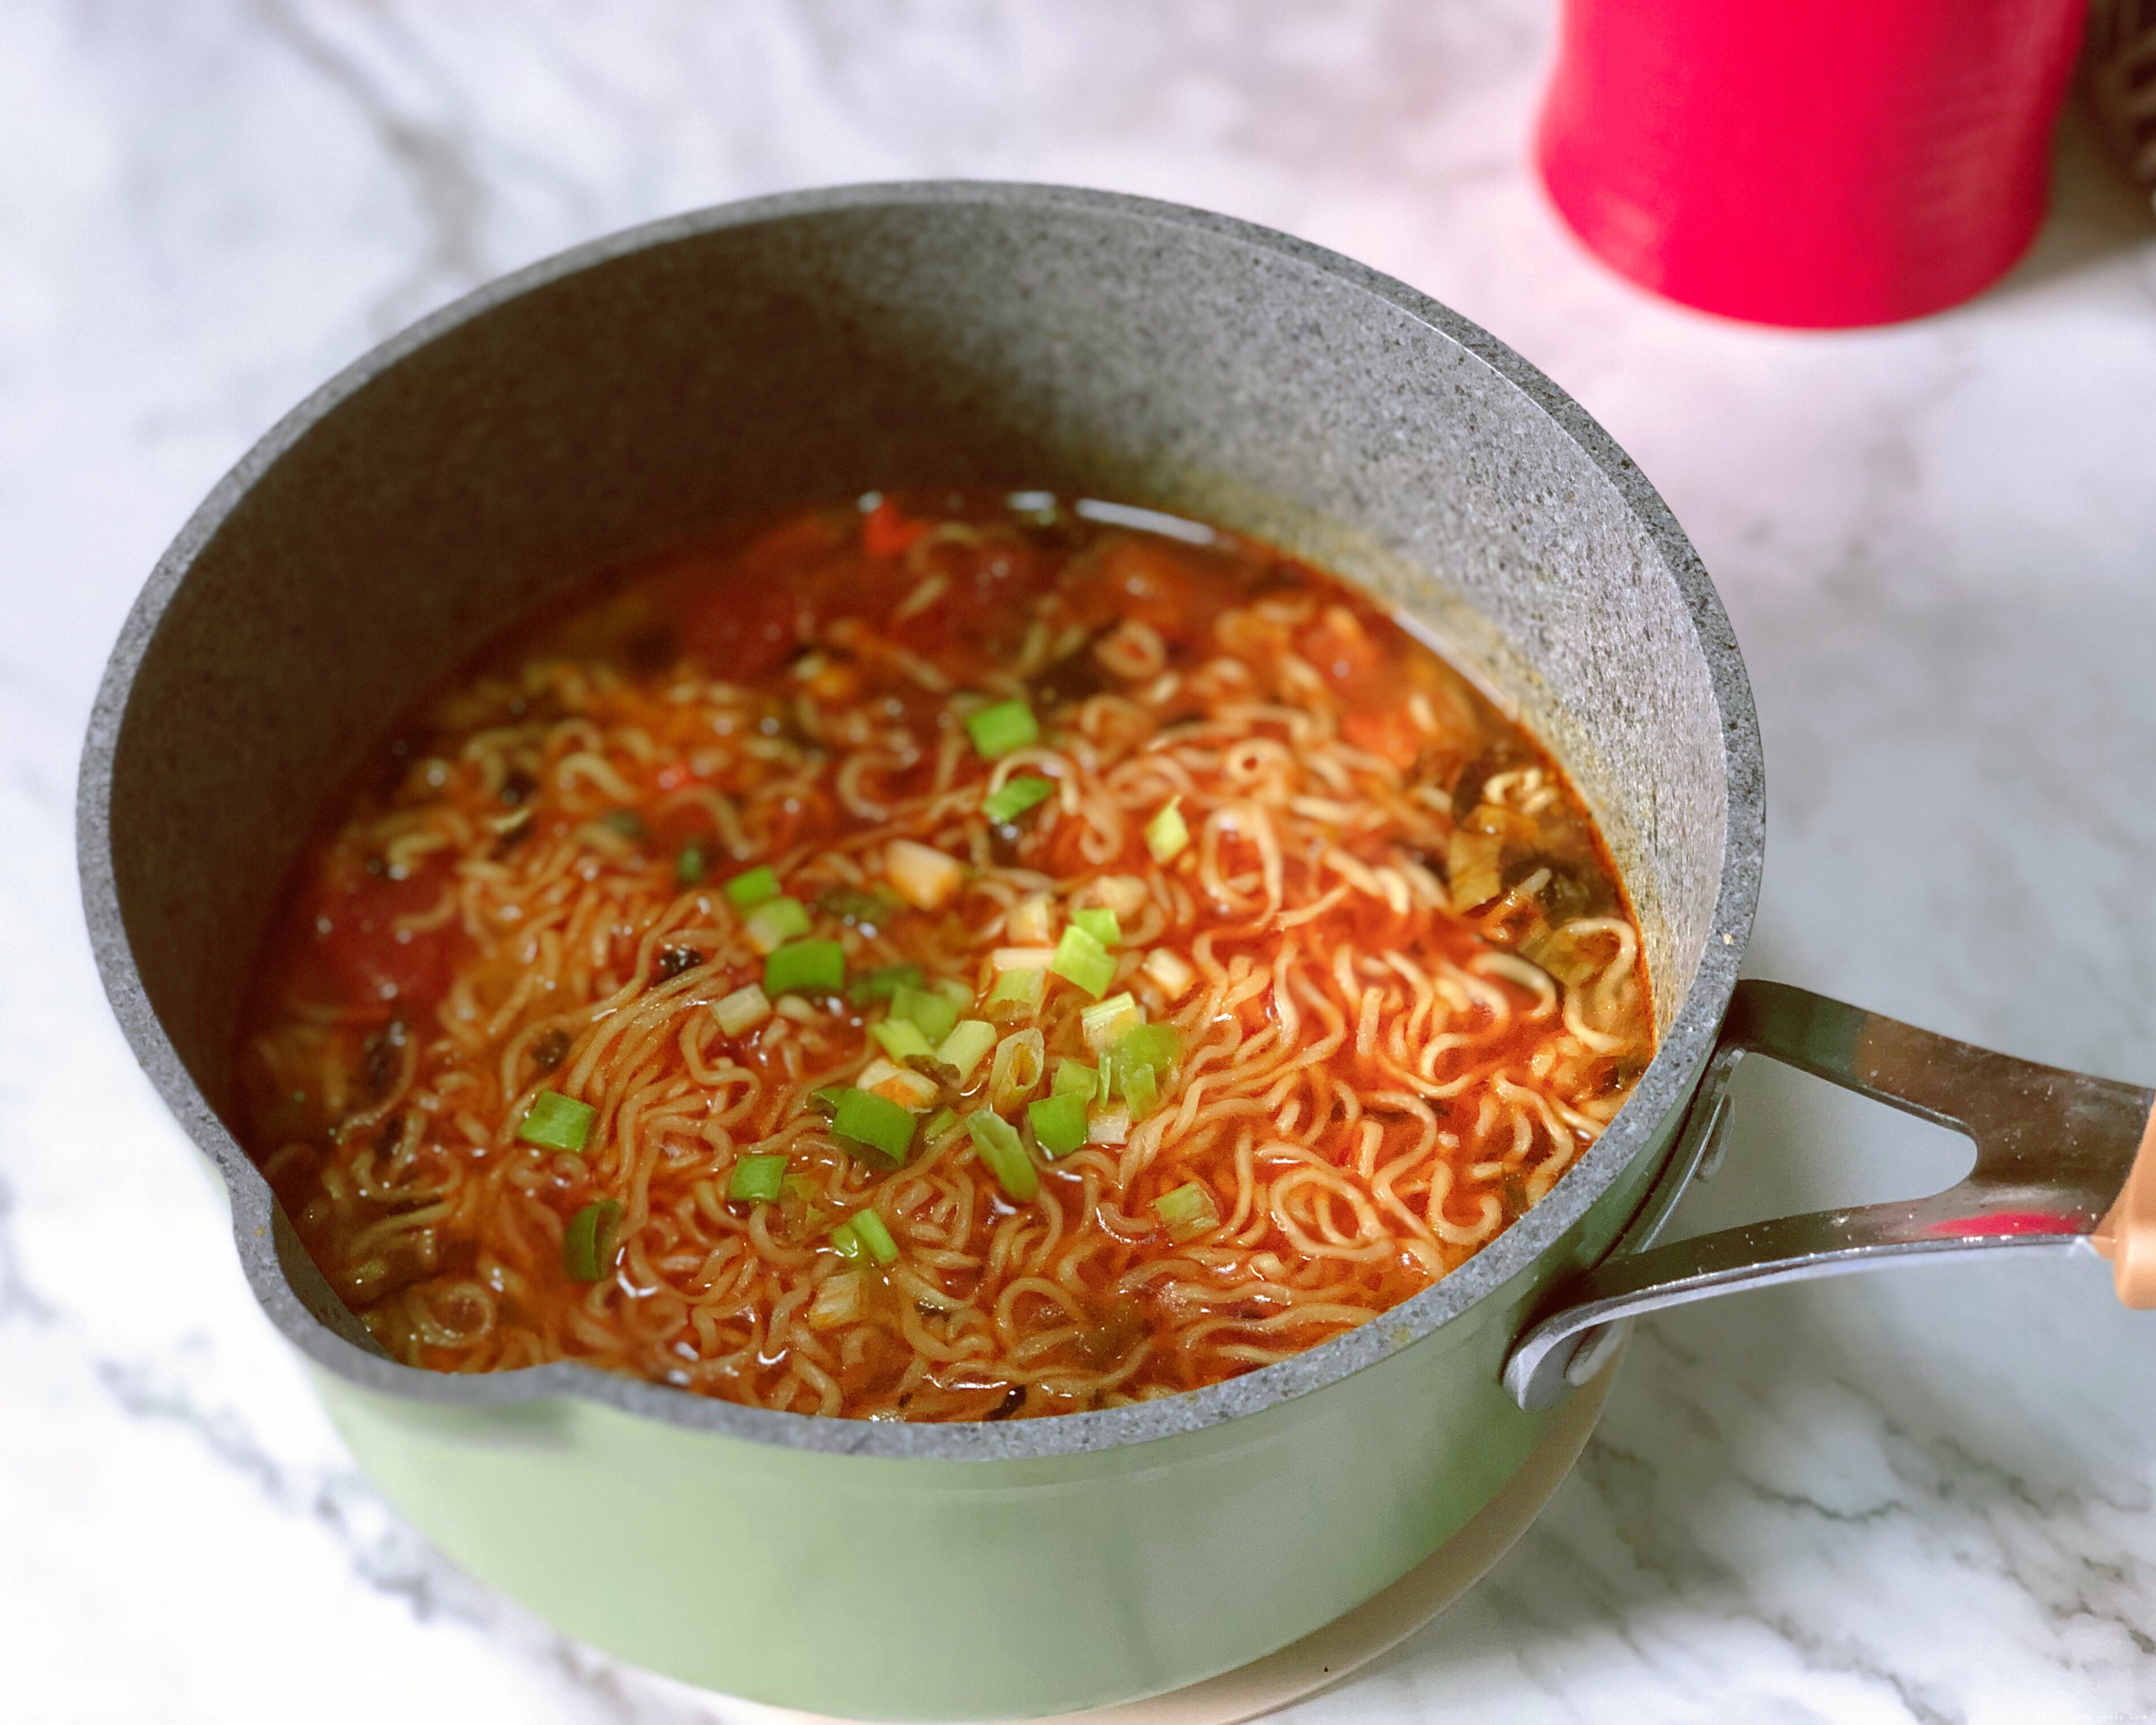 超好吃的西红柿浓汤泡面的做法 步骤7